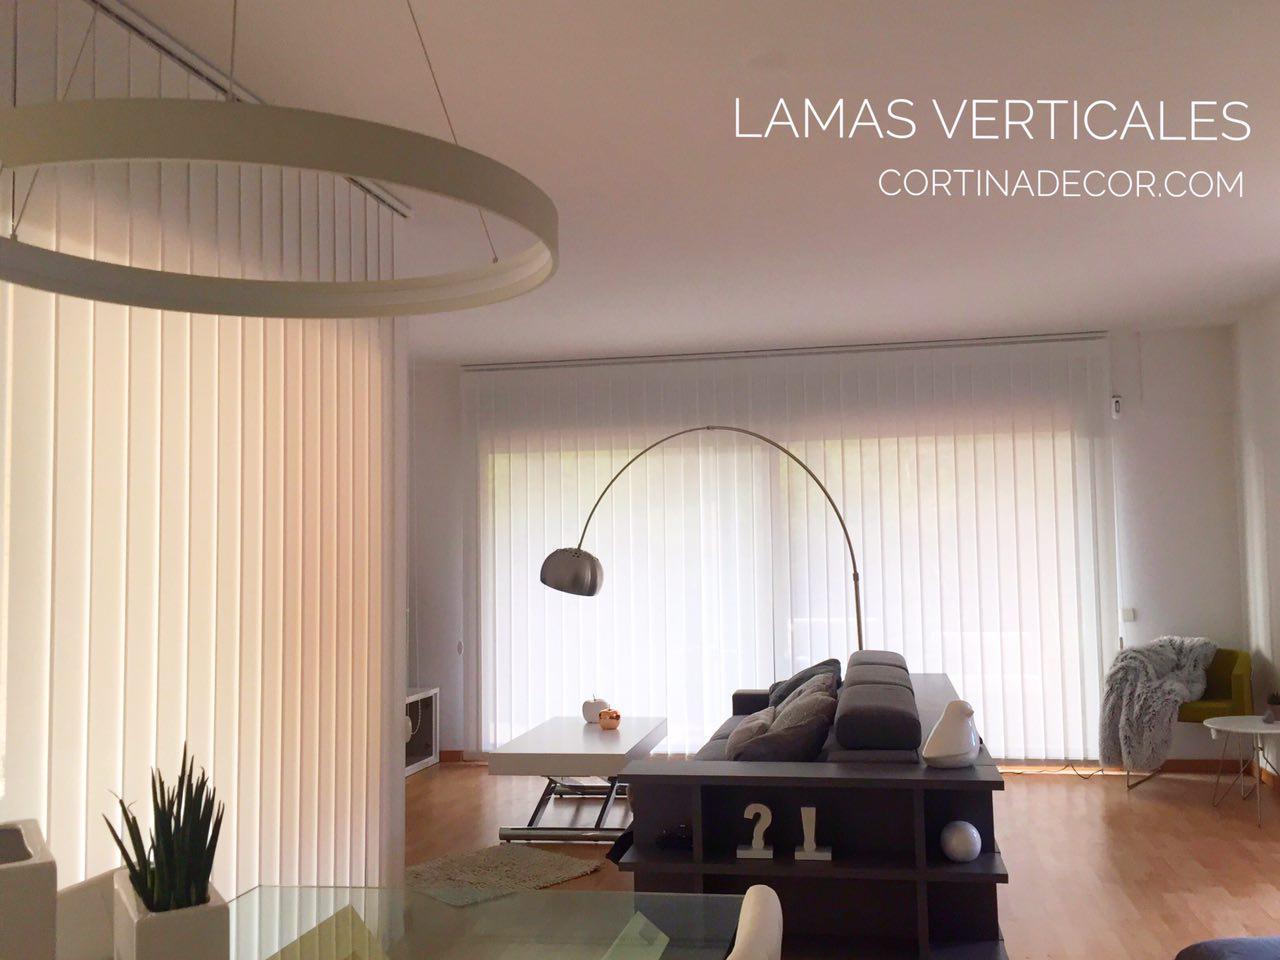 Tendencias en cortinas verticales de cortinadecor - Ultimas tendencias en cortinas ...